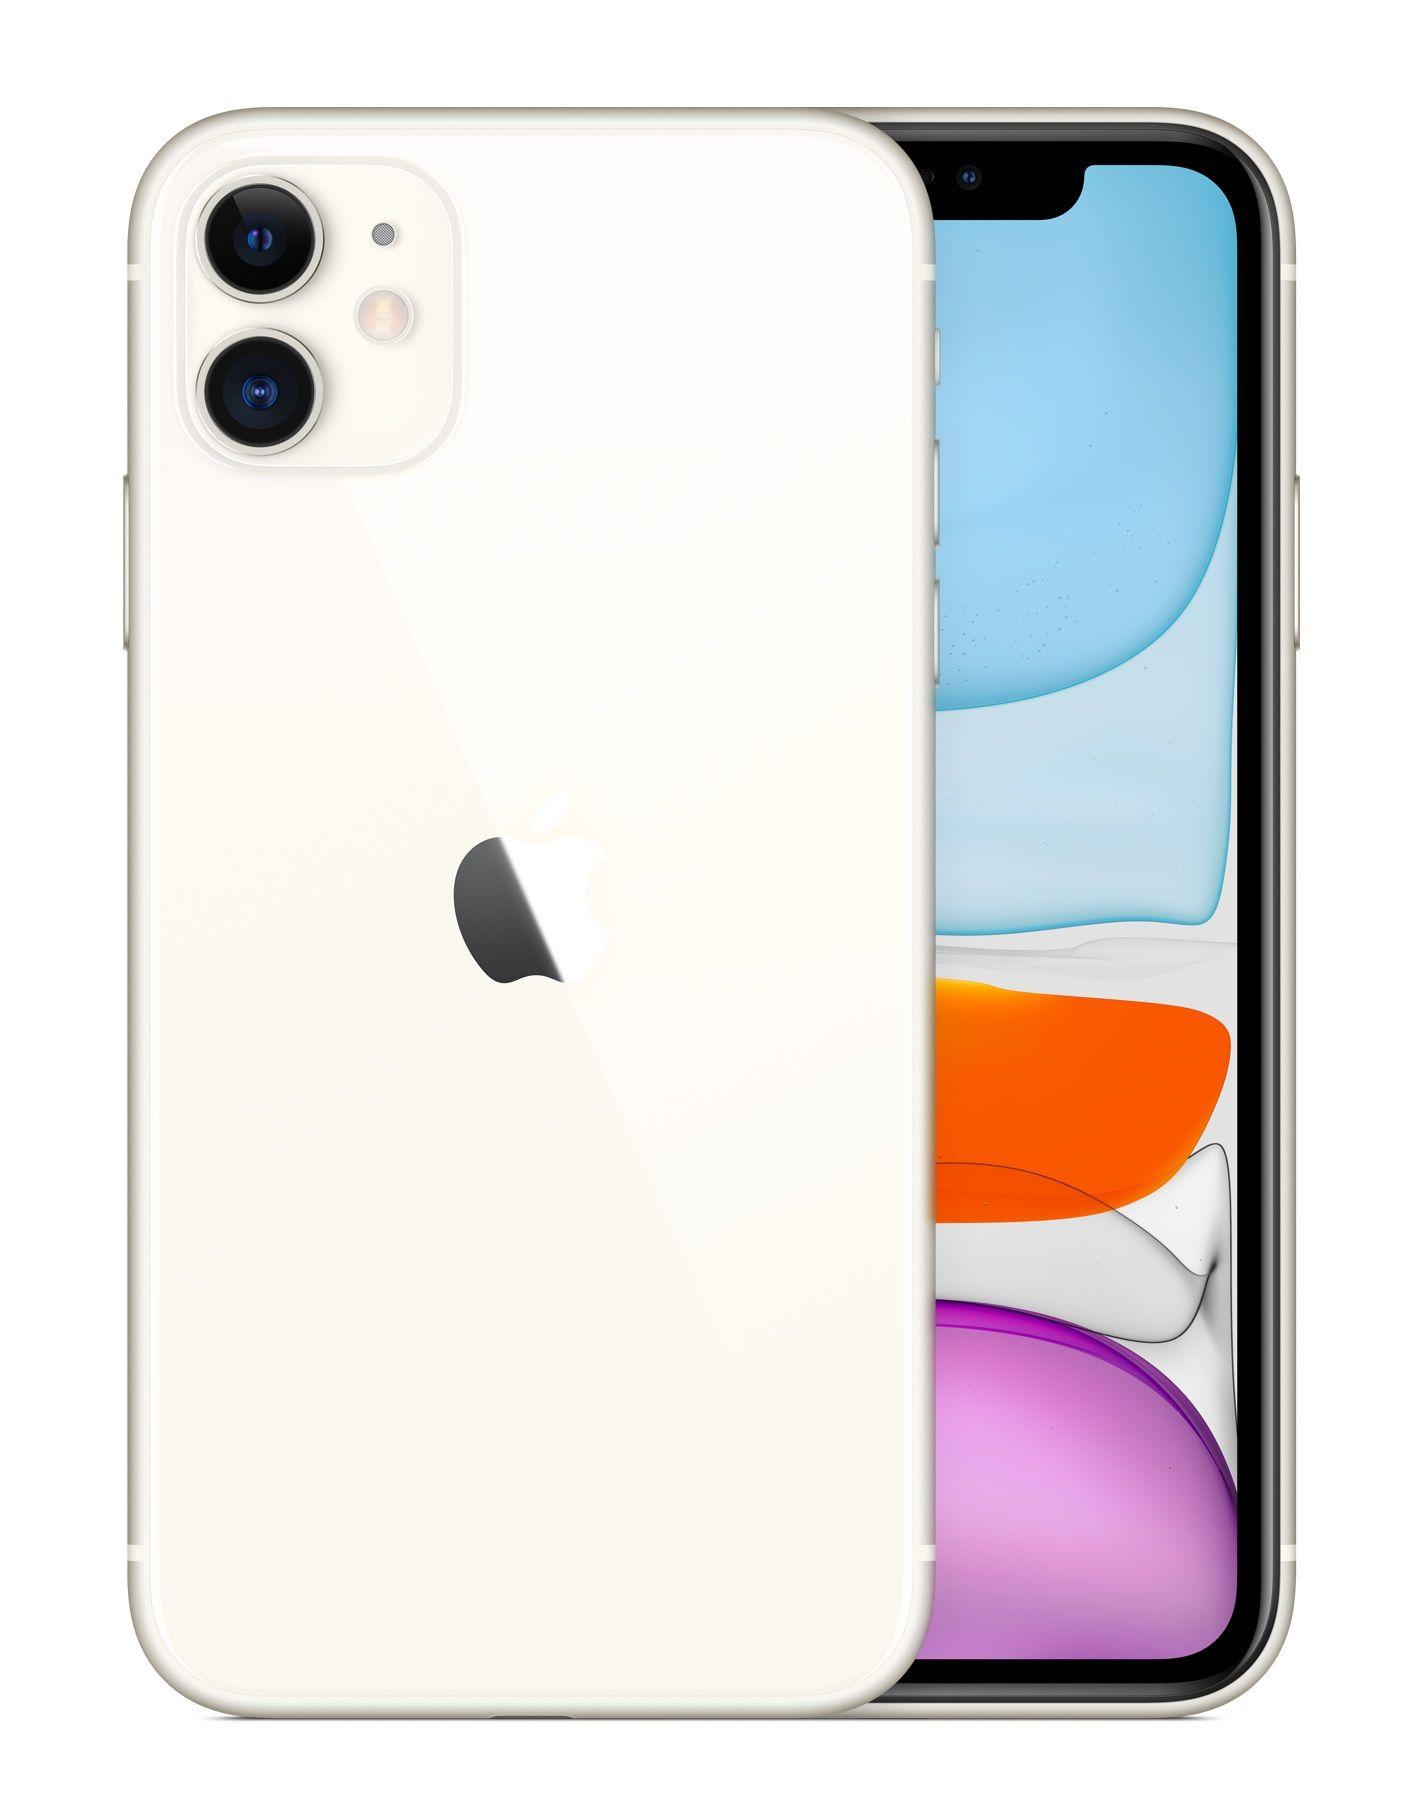 Apple Iphone 11 15 5 Cm 6 1 64 Gb Dual Sim White In 2020